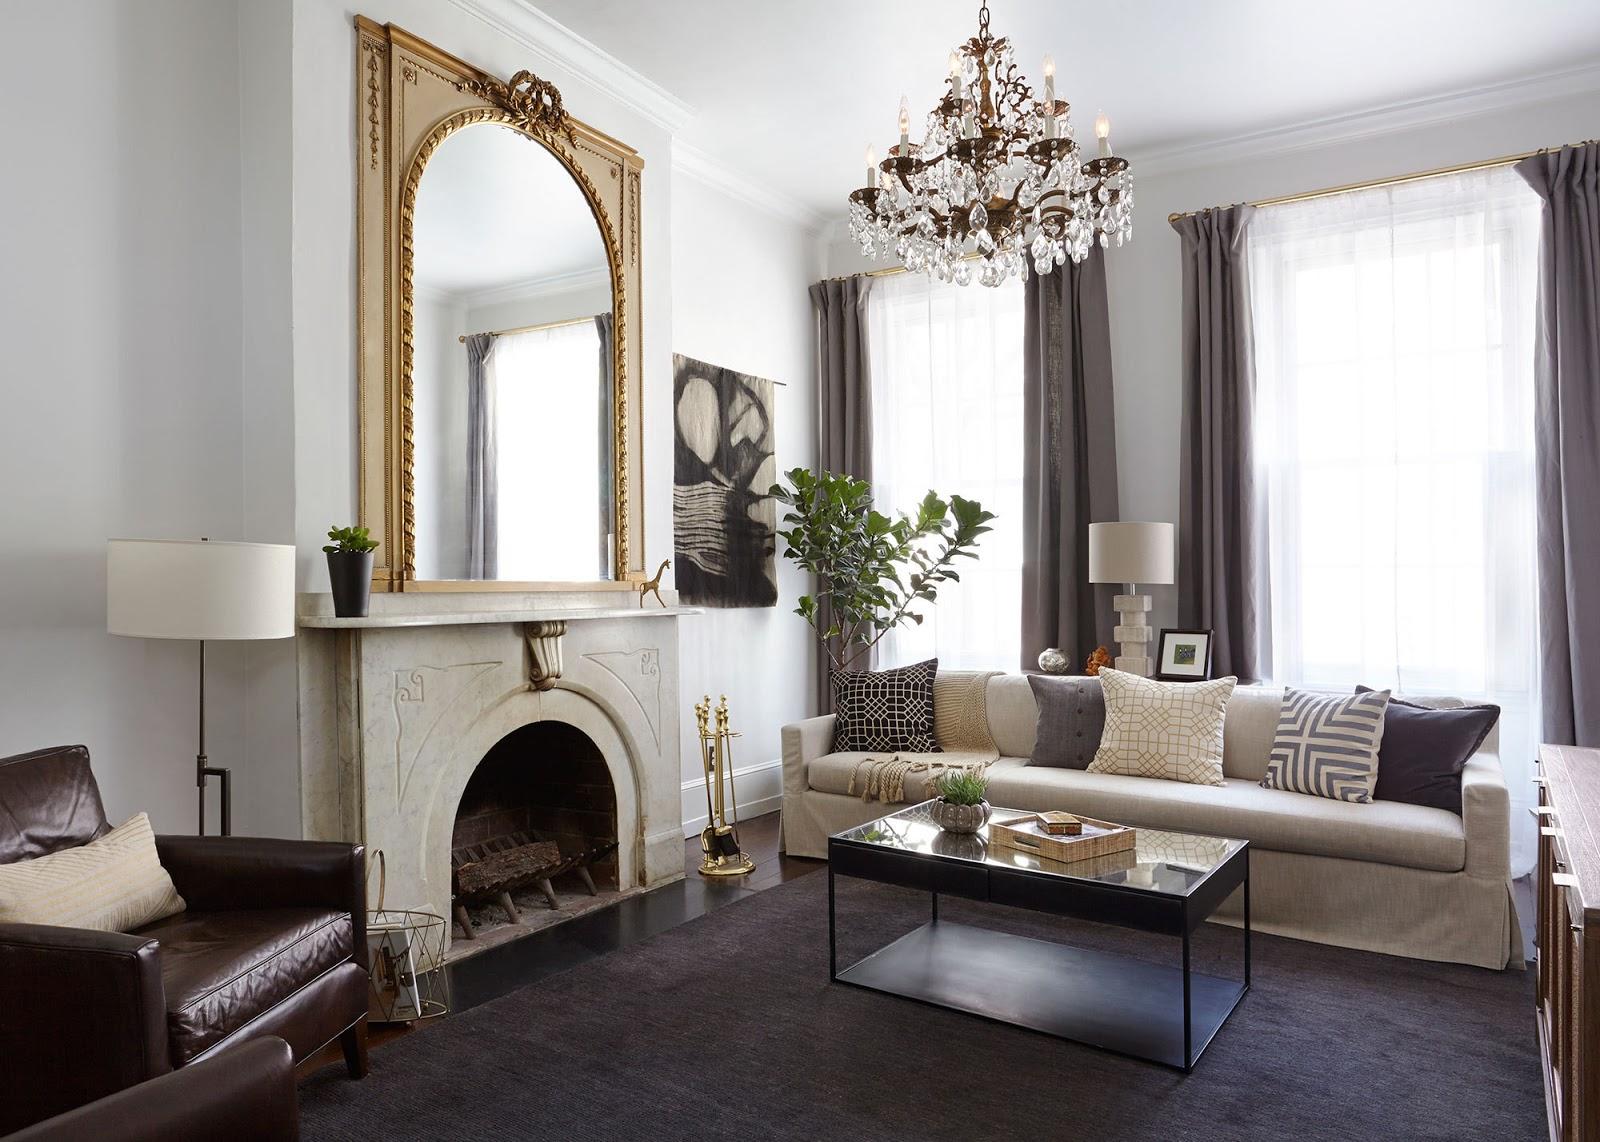 El rinc n vintage de karmela la perfecta casa colonial Modern colonial interior design